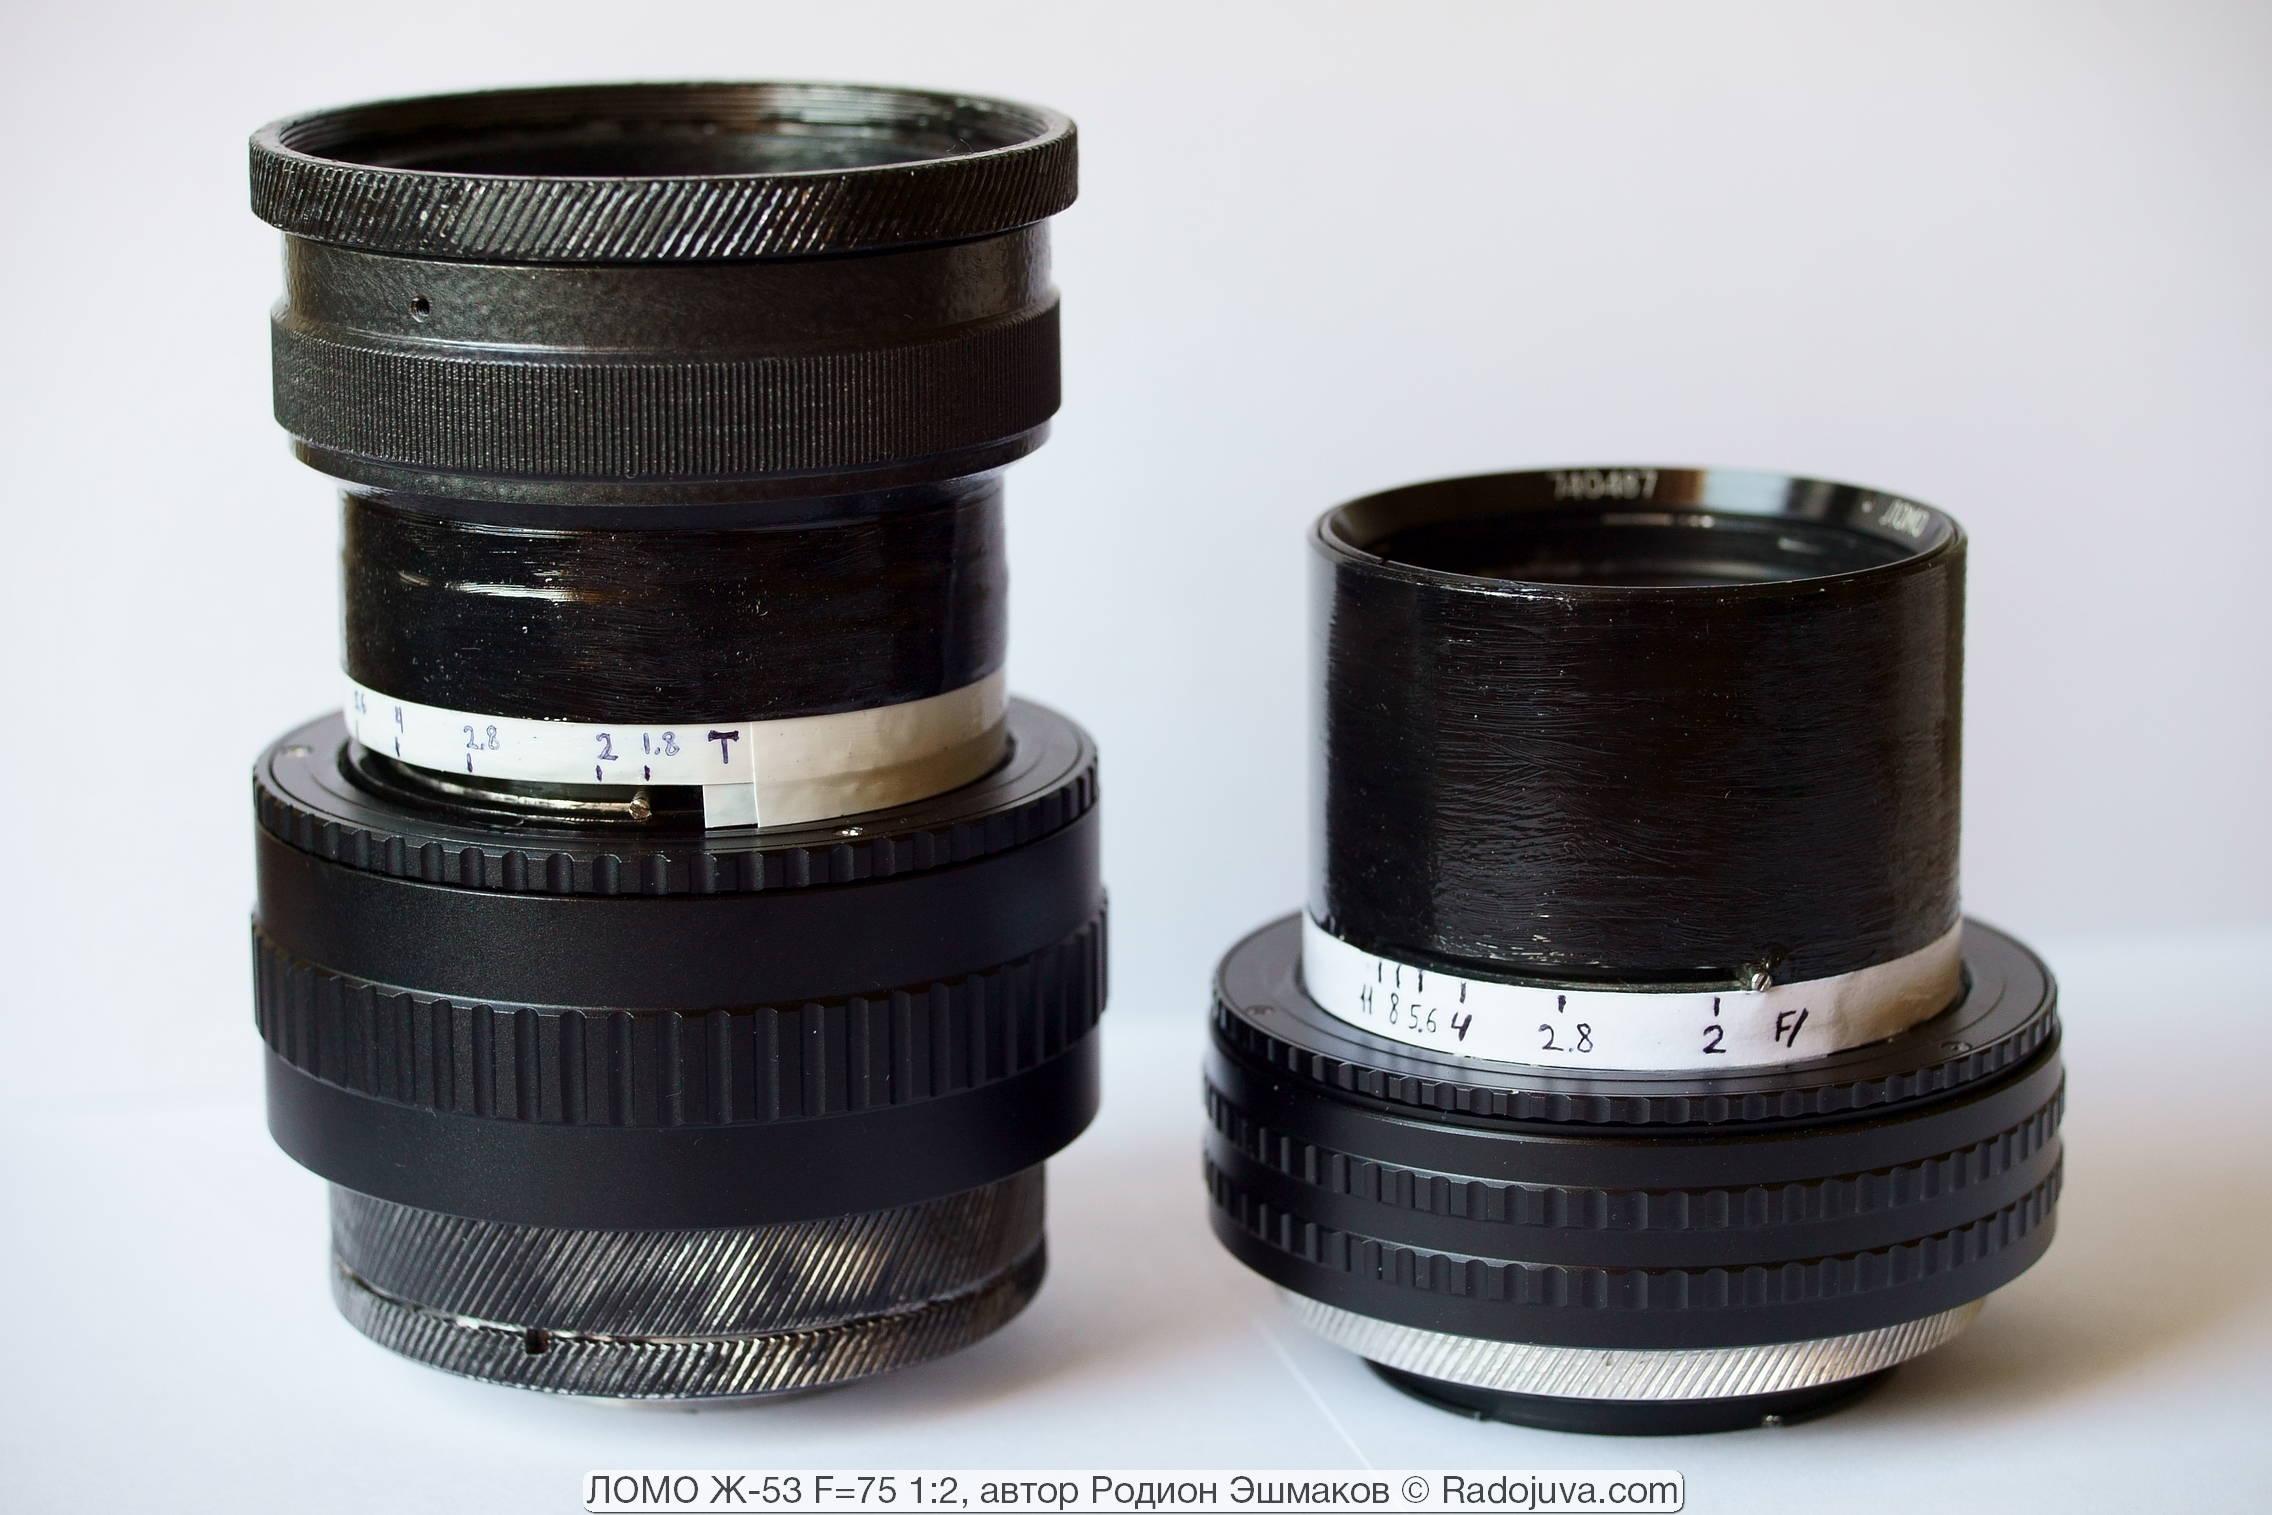 Зато контроль виньетирования очень удобно реализовывается с проекционными планарами с ФР>100 мм (слева — 35КП-1,8/100, переделанный в универсальный 100/1.7 Планар).